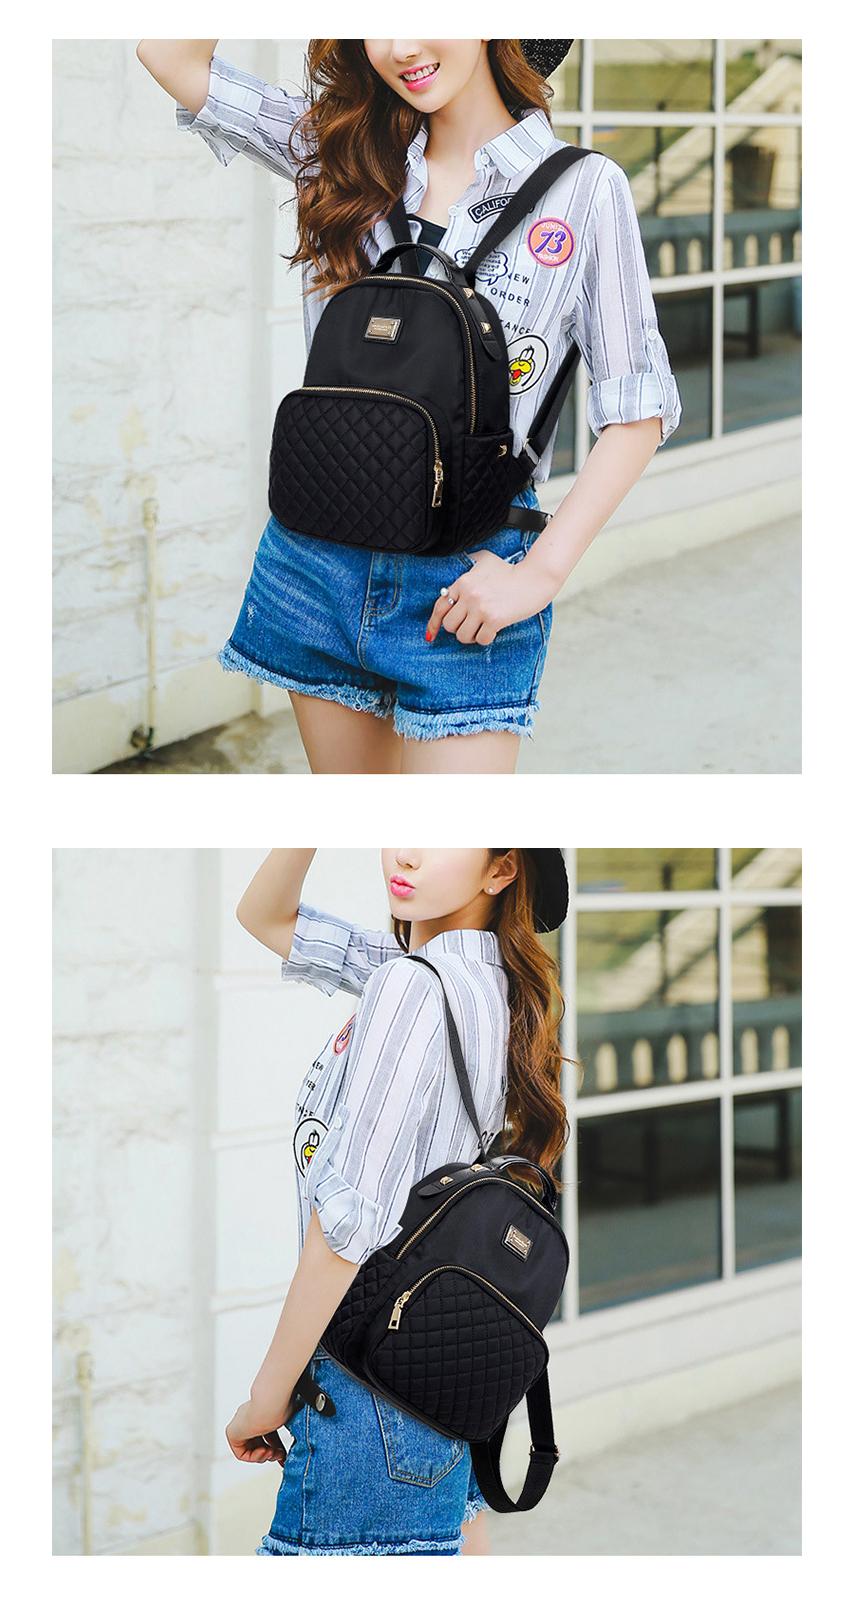 여성 캐주얼 백팩 GW-BX2 가볍고 수납력이 좋은 여자백팩 여성백팩 여자백팩 백팩 패션백팩 캐주얼백팩 책가방 예쁜백팩 가벼운백팩 스타일백팩 블랙백팩 대학생가방